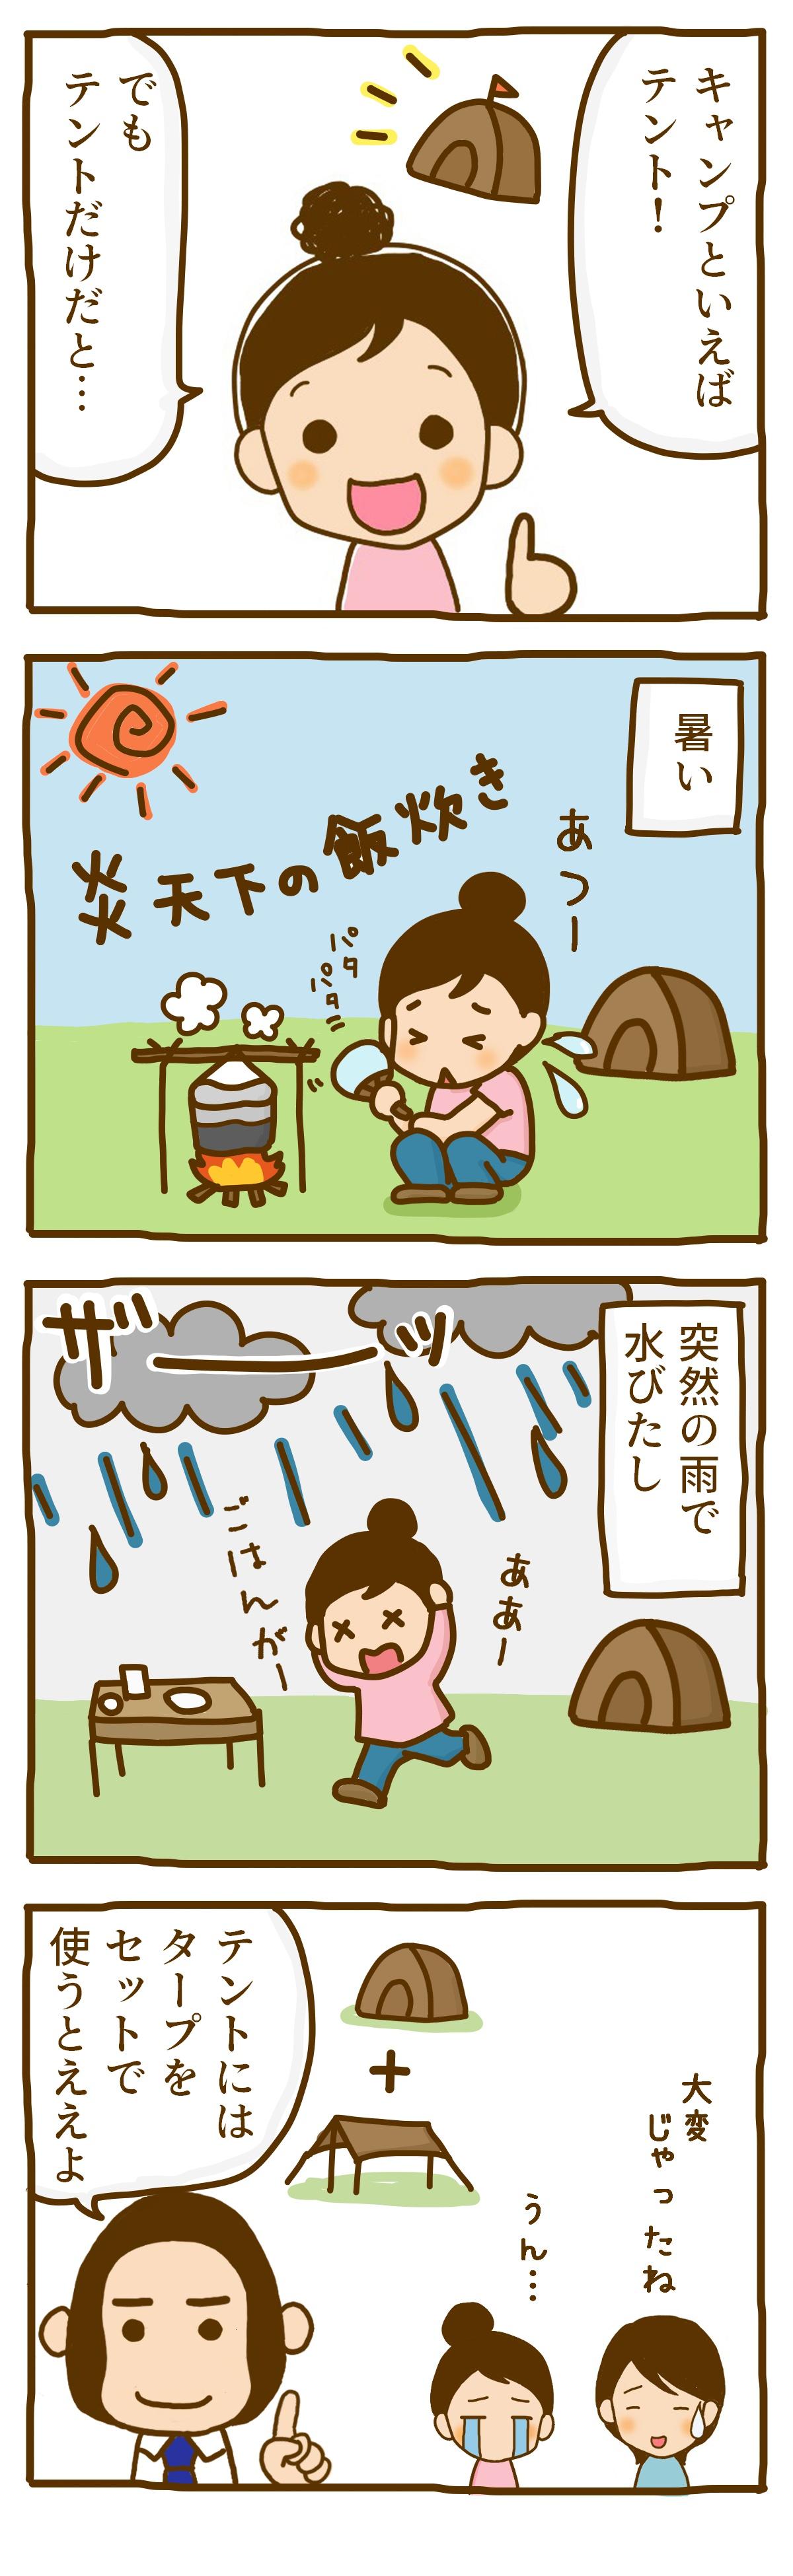 漫画201